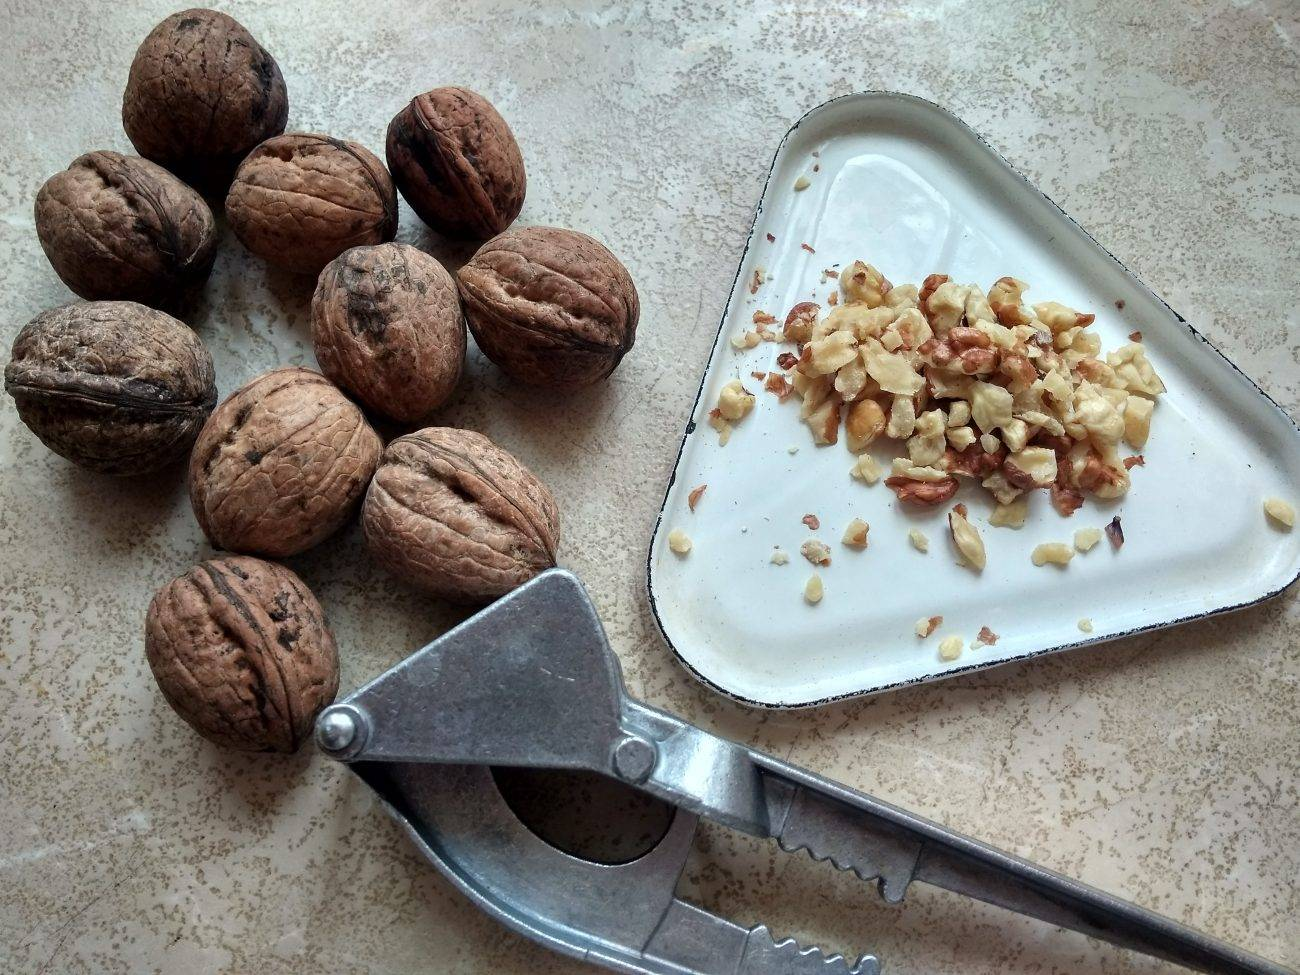 Как колоть орехи грецкие в домашних условиях: как правильно и быстро чистить от скорлупы, чем разбить, можно ли открыть ножом, иными приспособлениями, ломать руками?